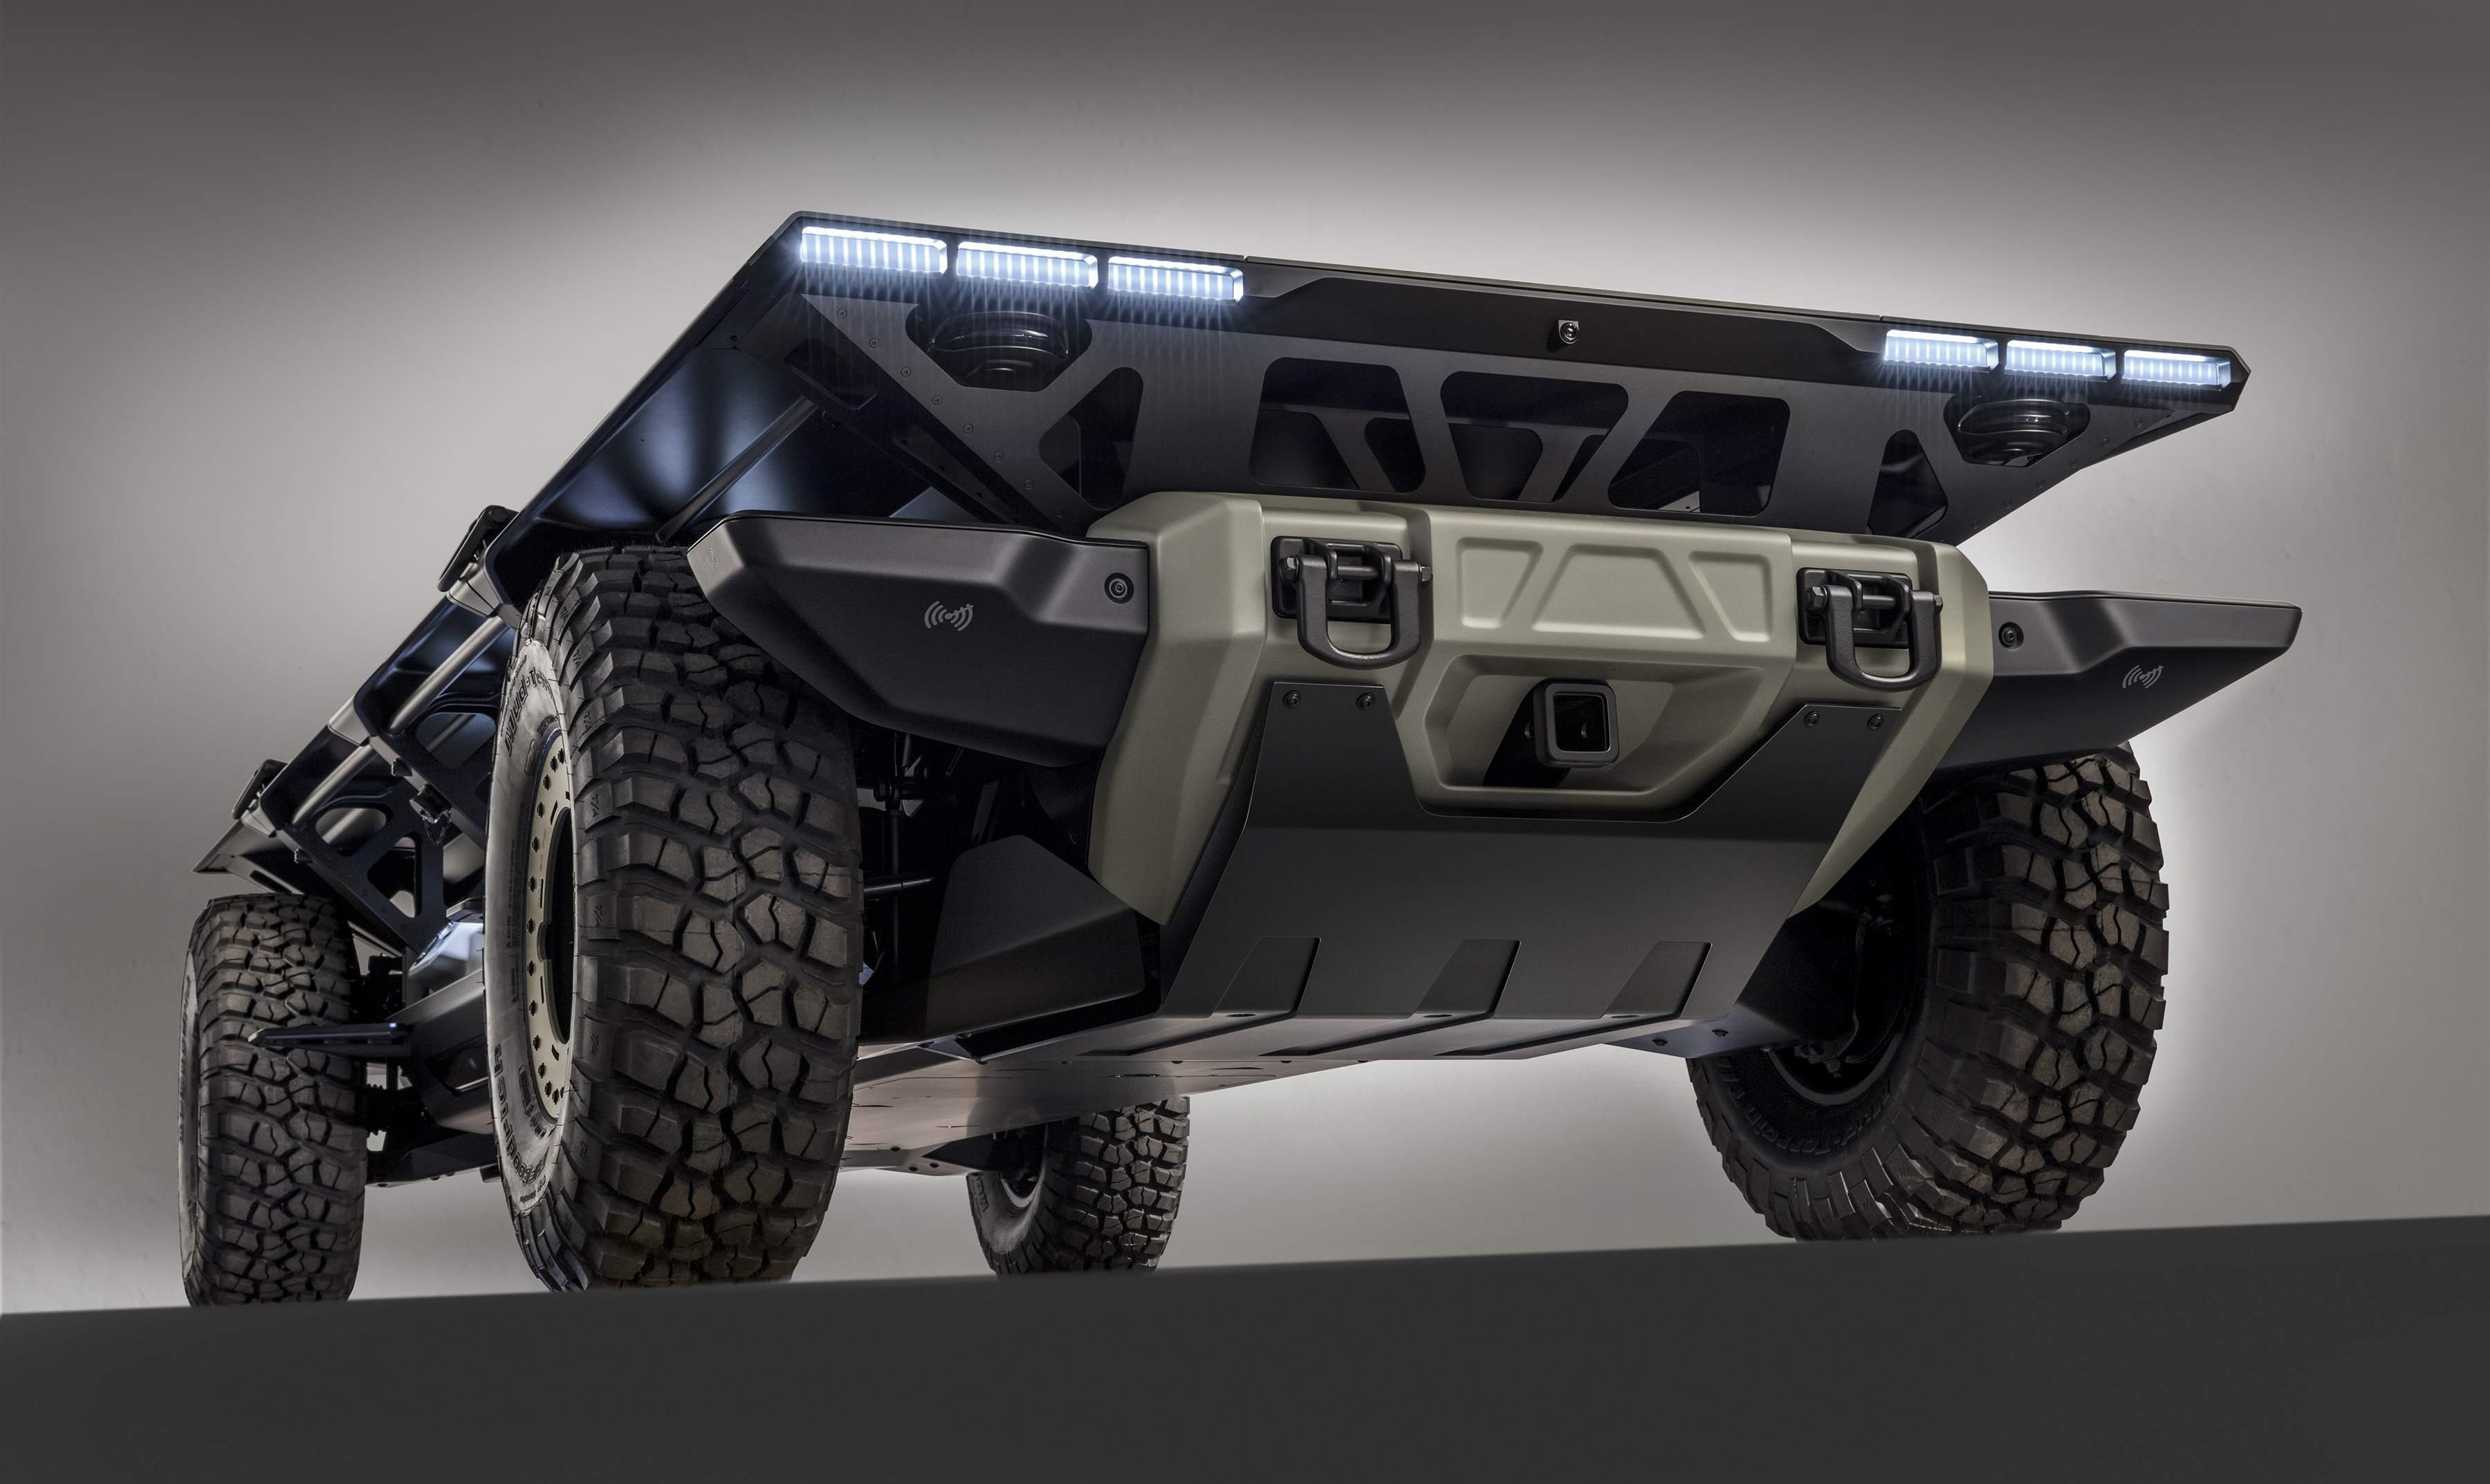 Gm Unveils Surus A Fuel Cell Chassis For Autonomous Work